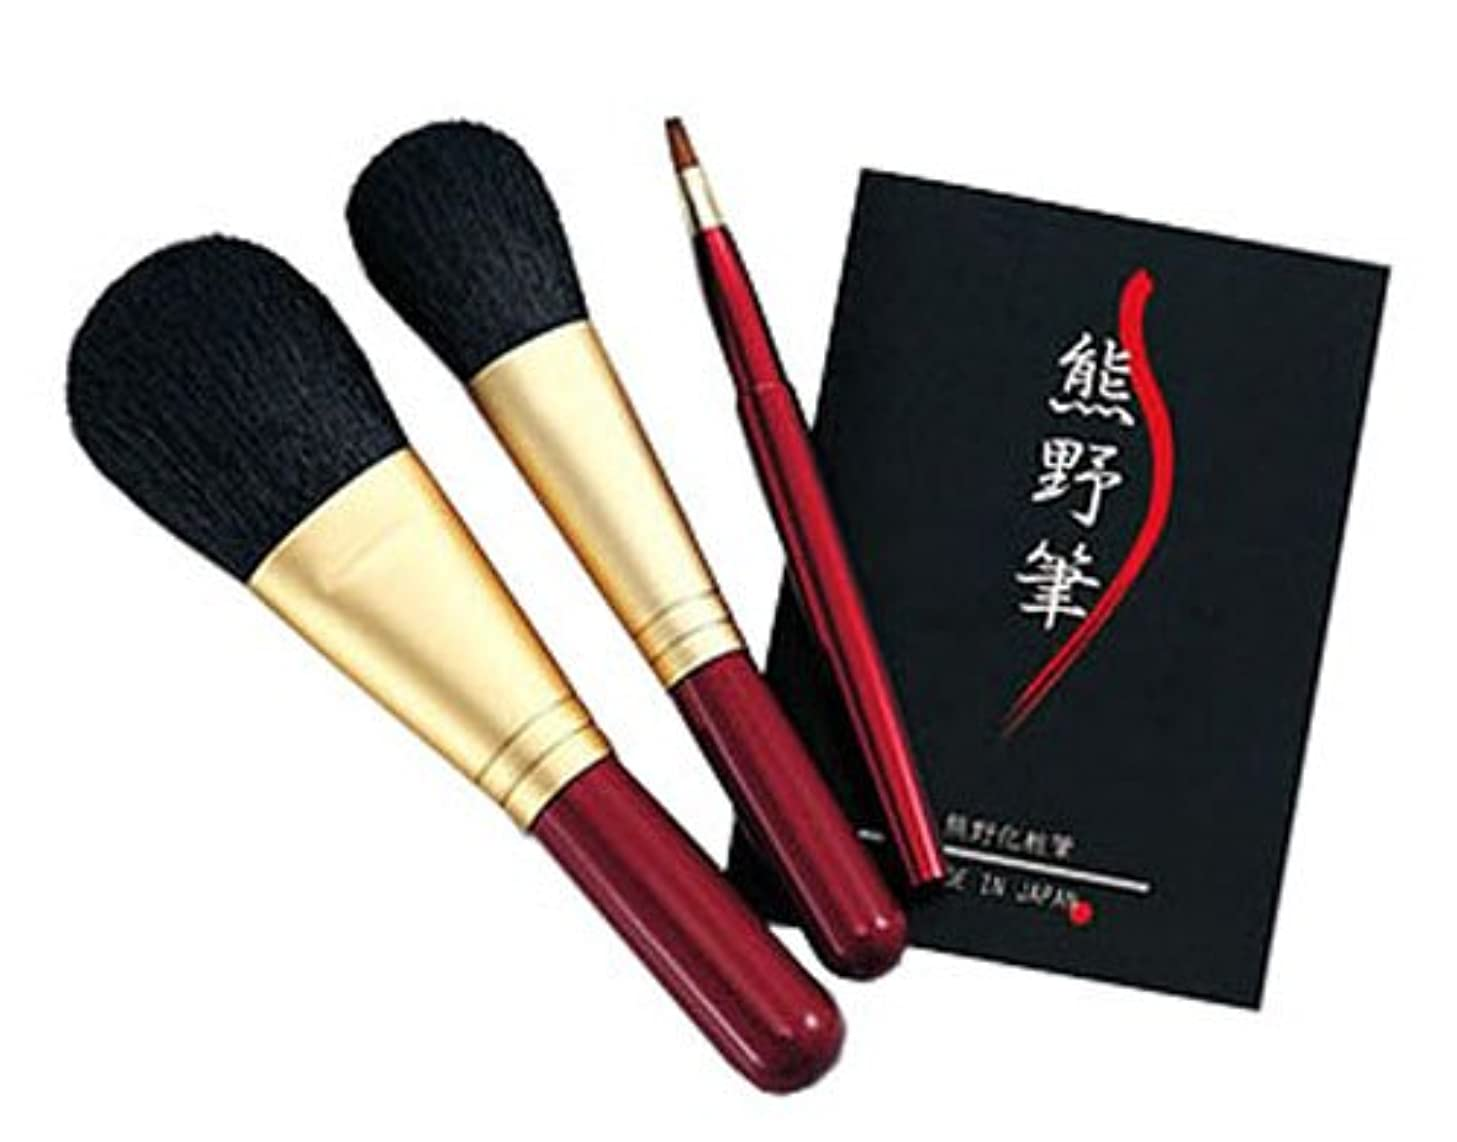 請求書売るタンザニア熊野筆 化粧筆セット 筆の心 KFi-80R